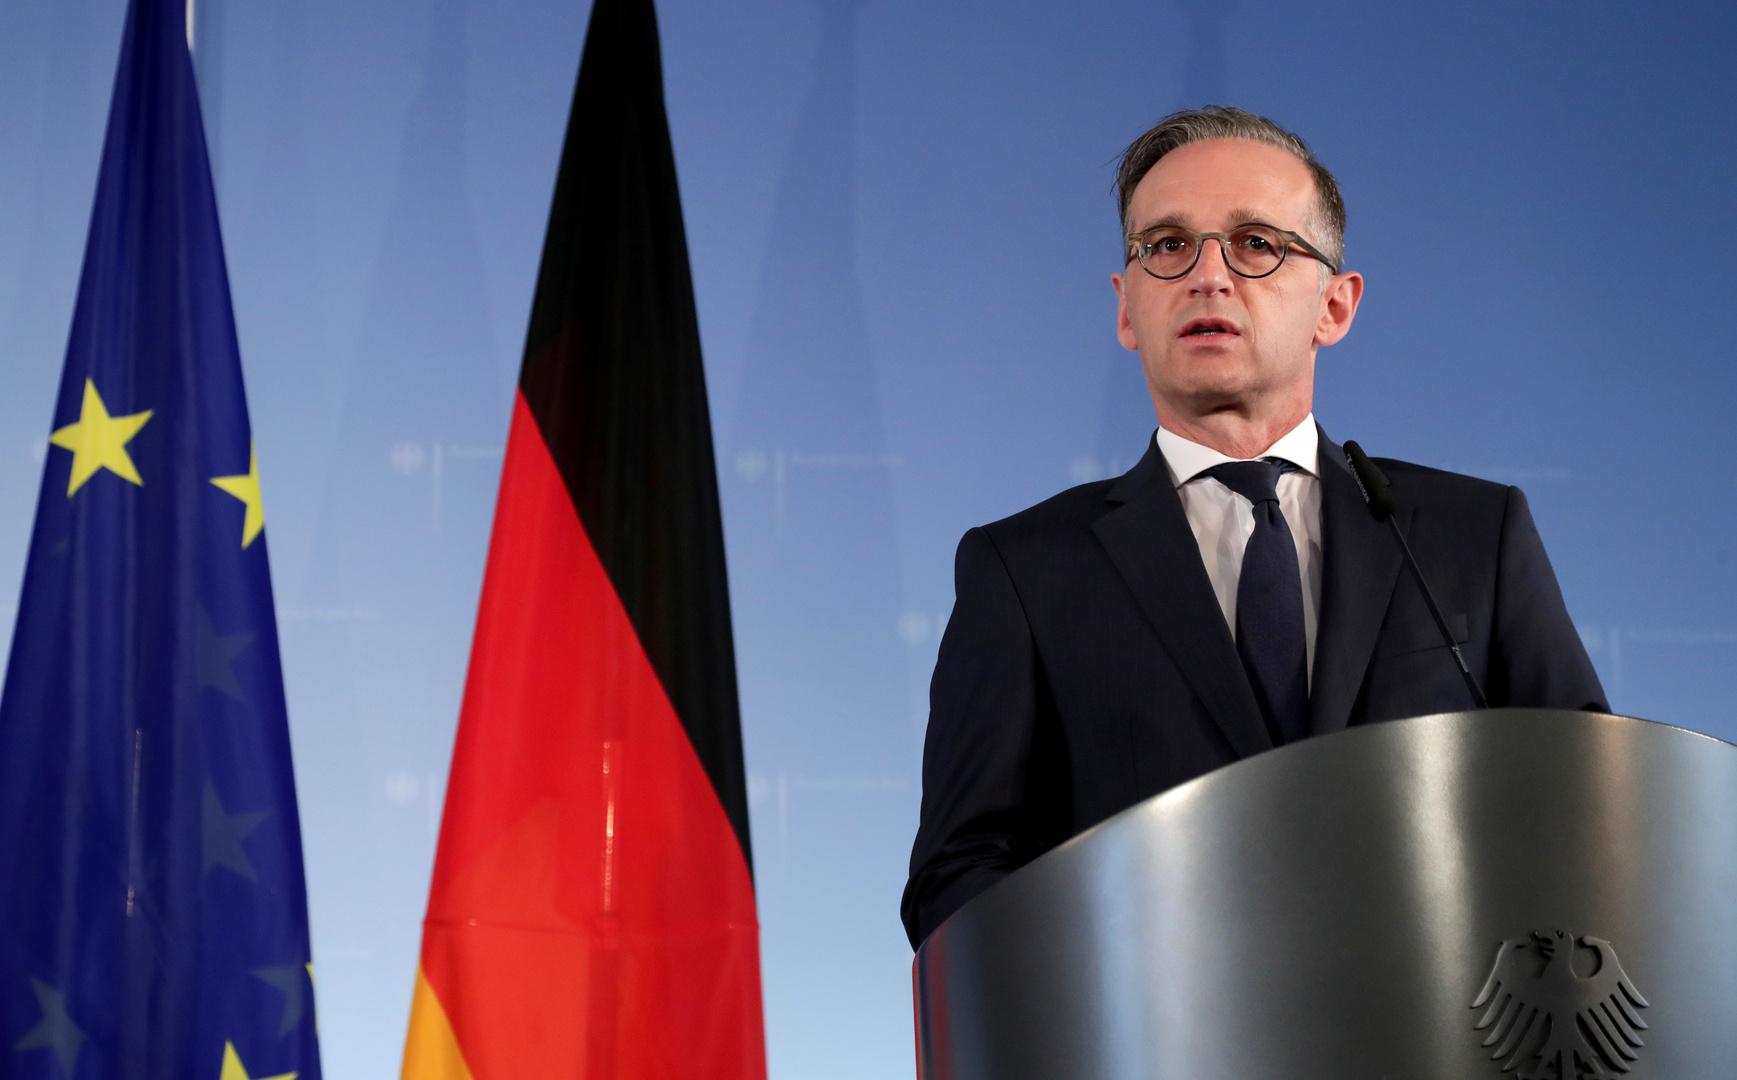 ألمانيا تأسف لعدم الموافقة على قرار في مجلس الأمن بشأن إيصال المساعدات إلى سوريا